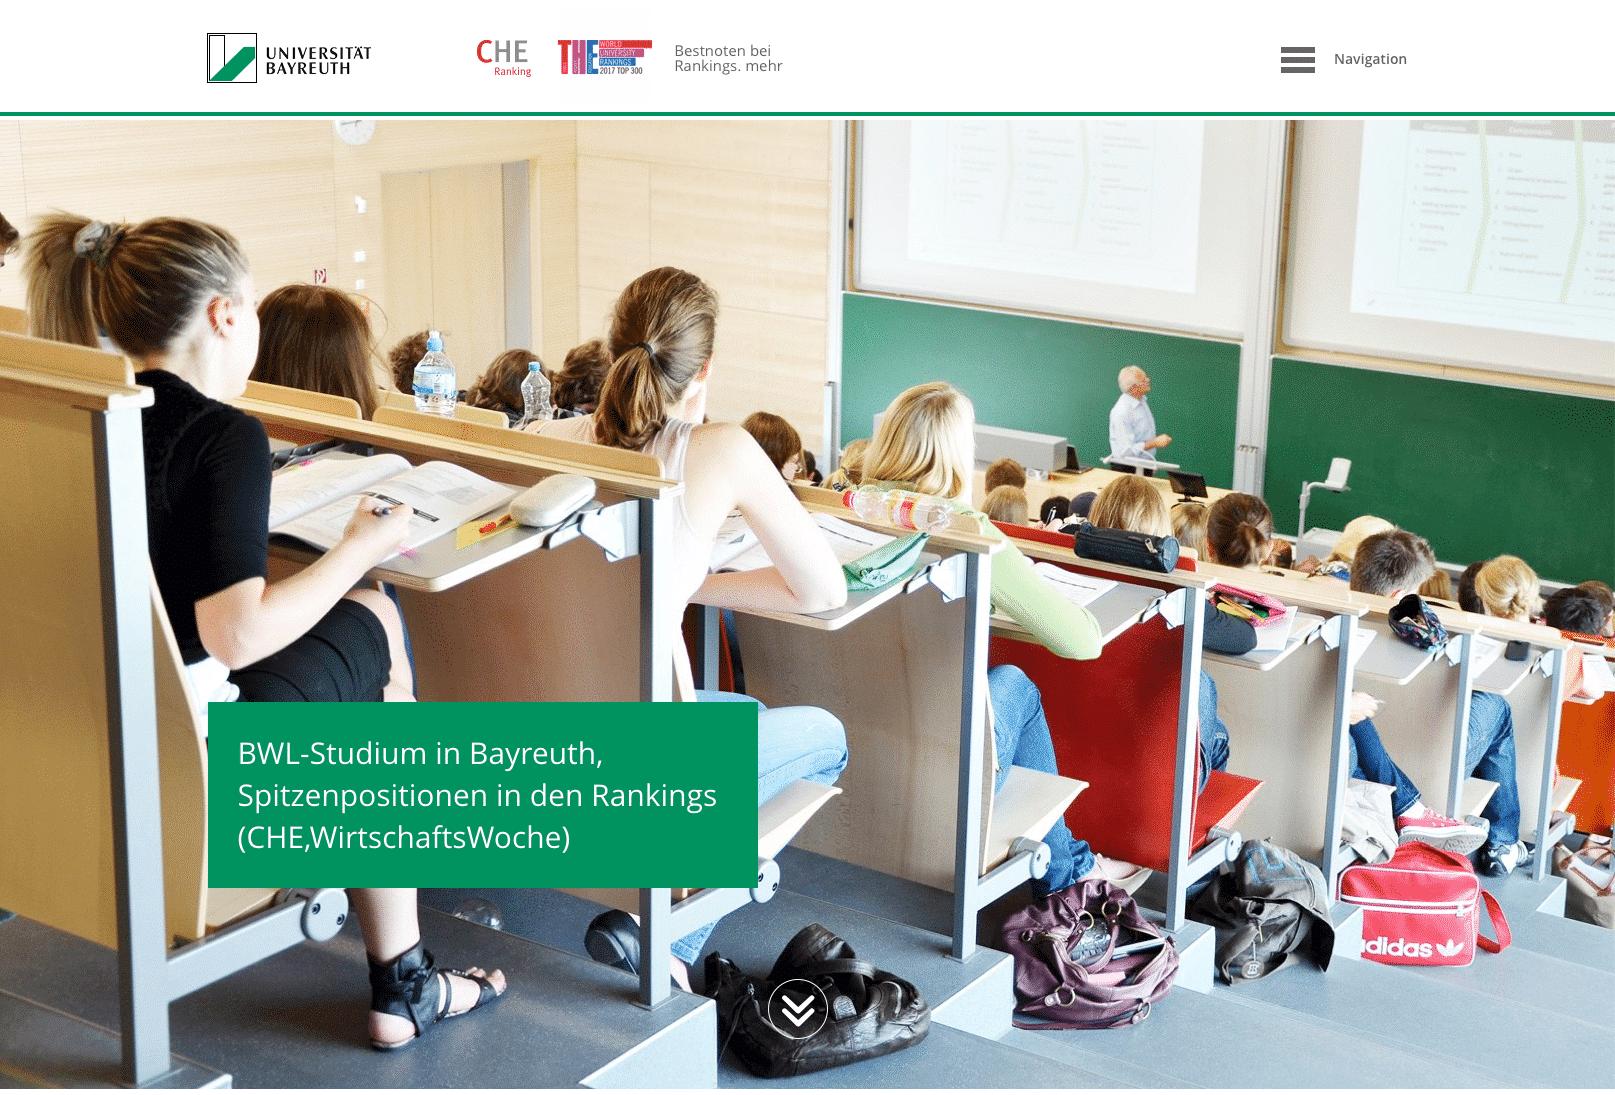 Studieren an der Uni Bayreuth